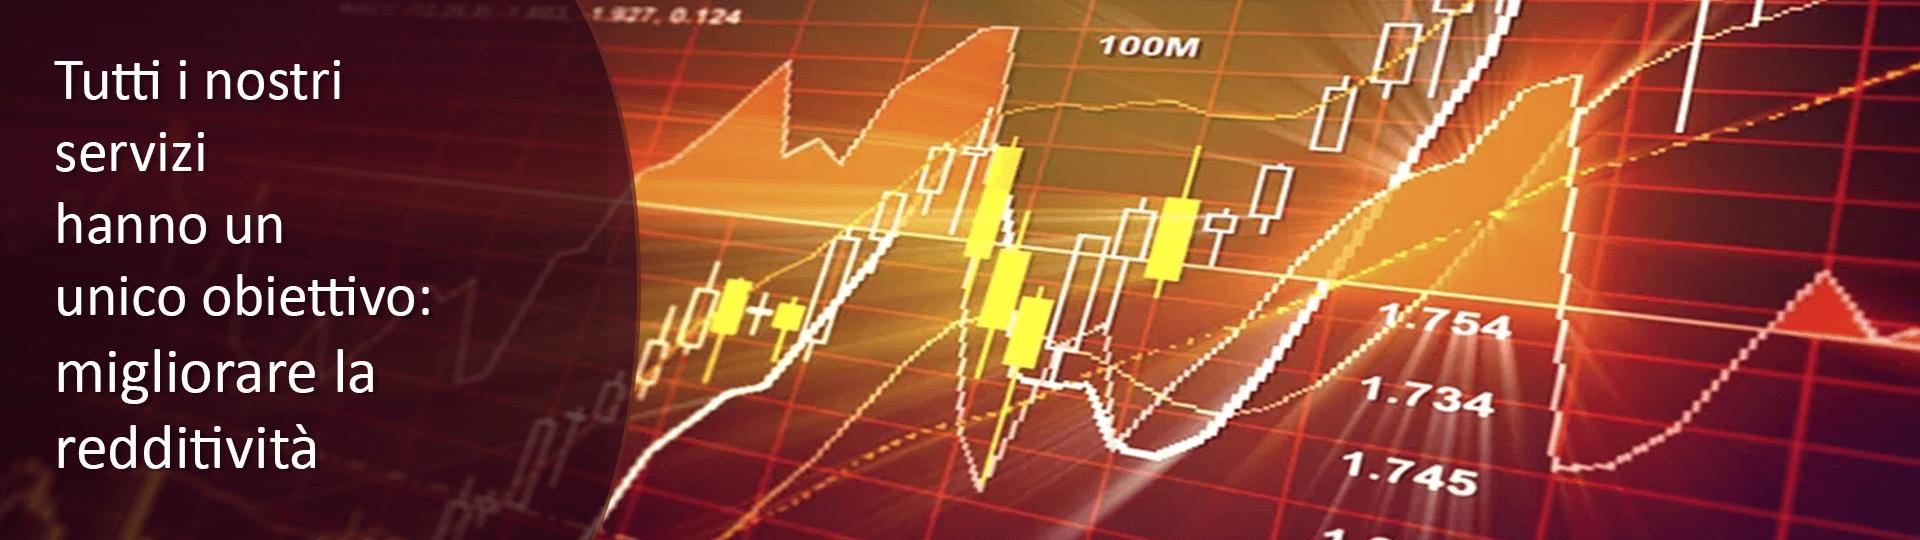 adm-slide-chart-00